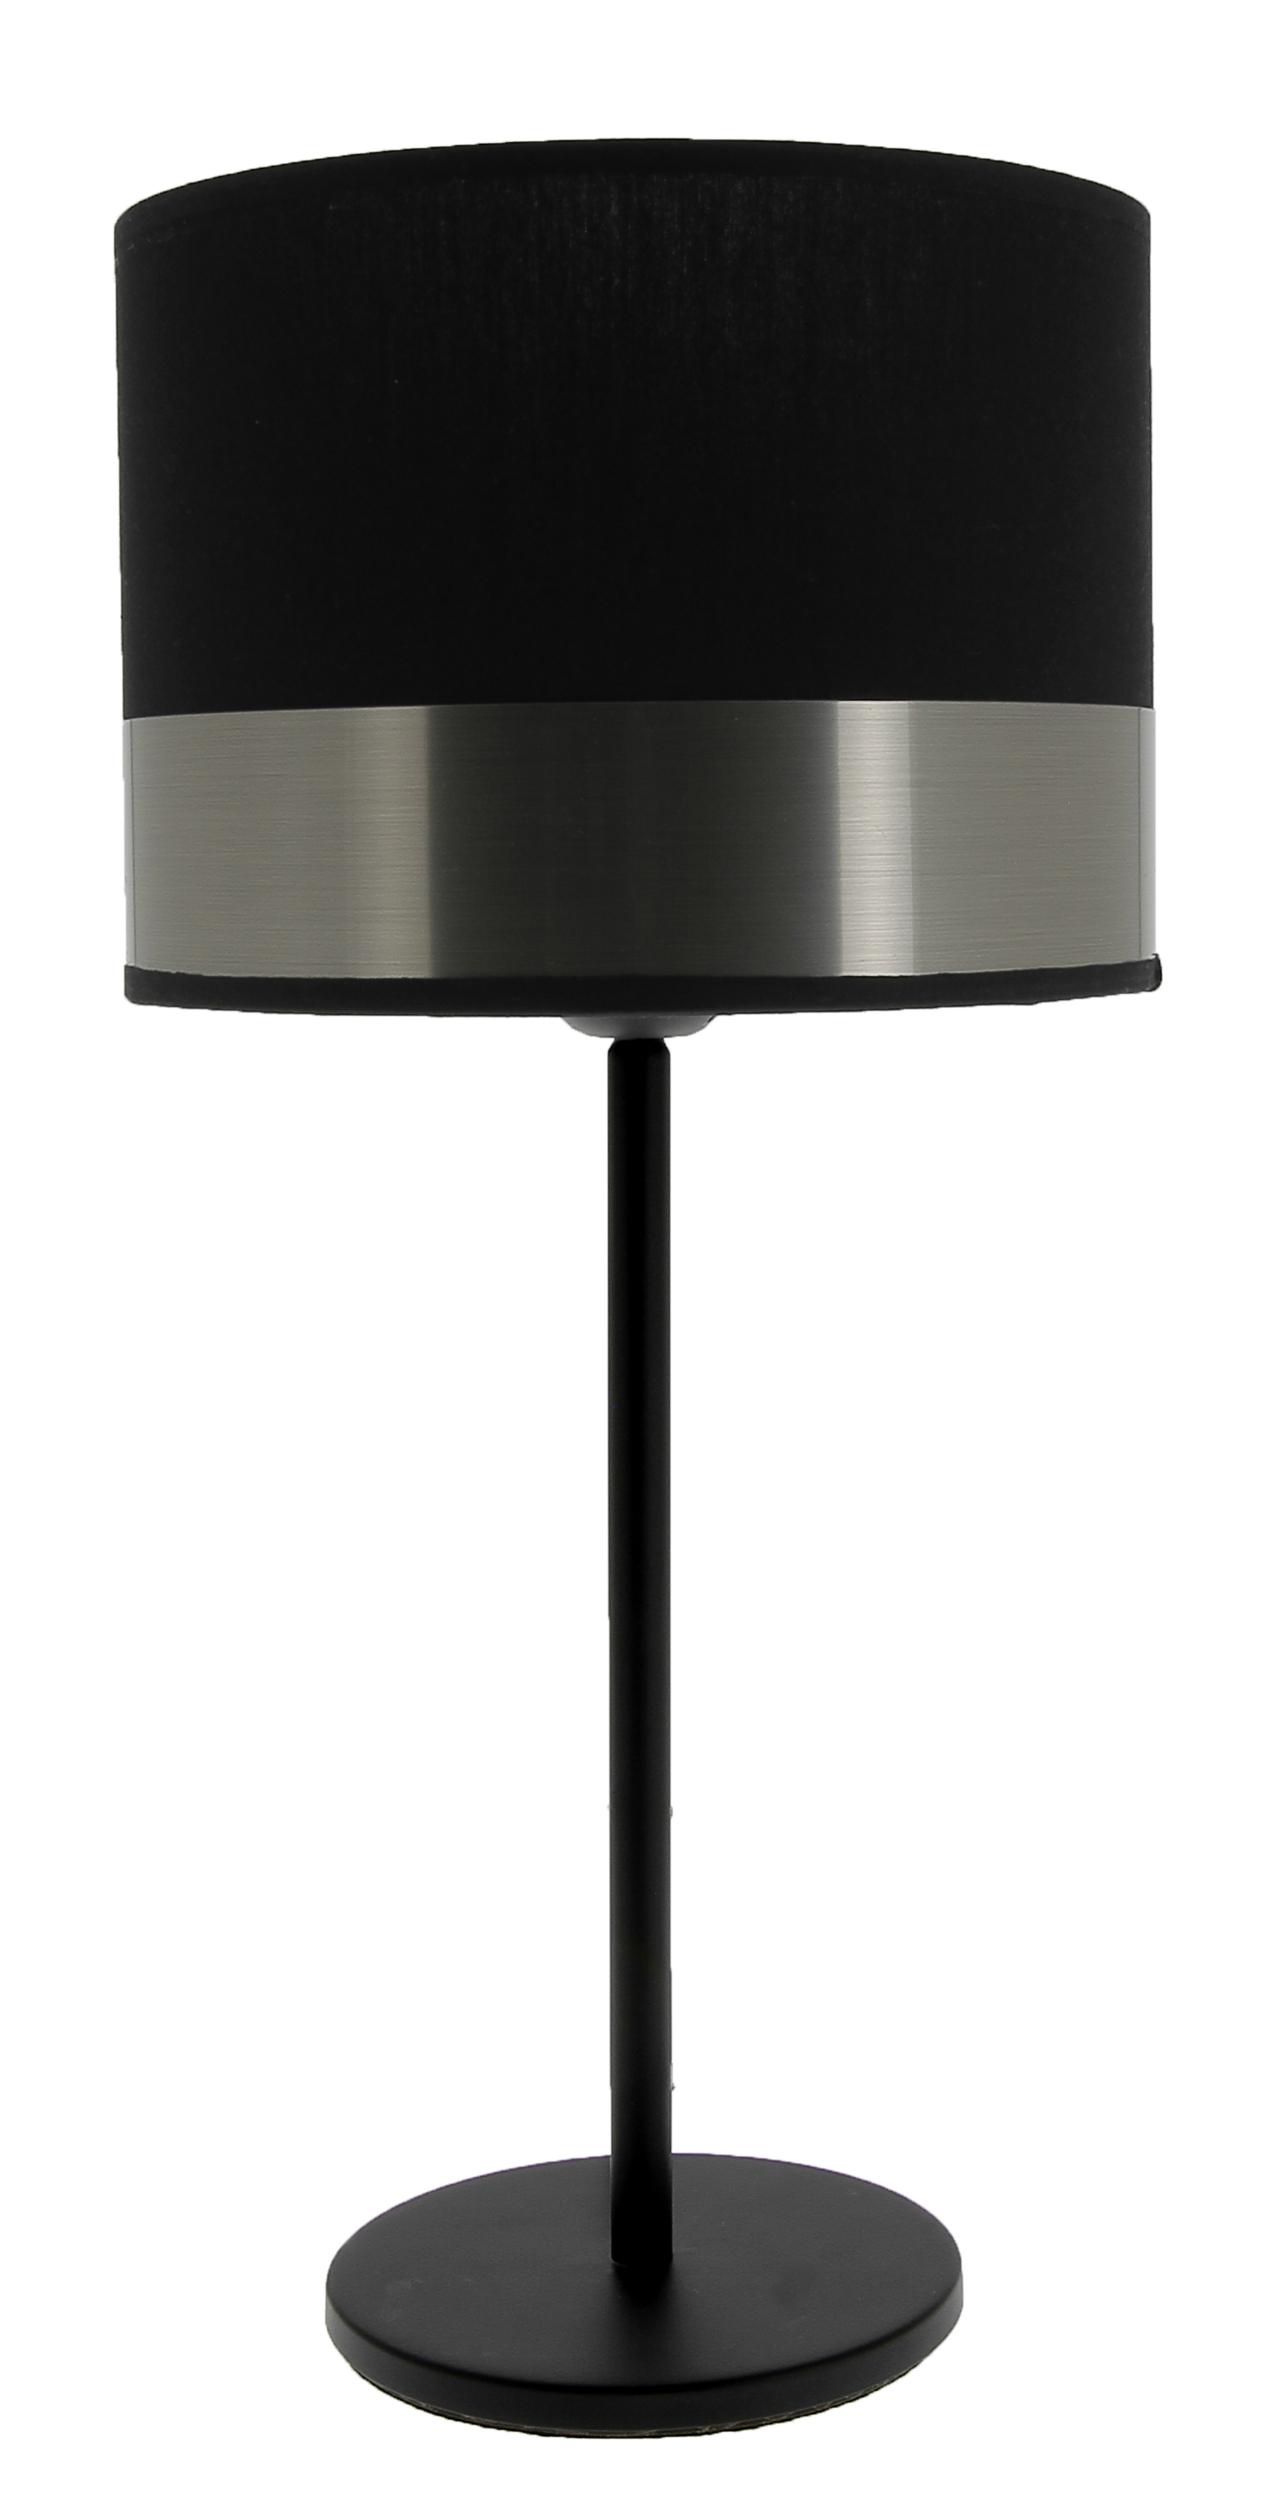 Lampe Max noir/acier brossé